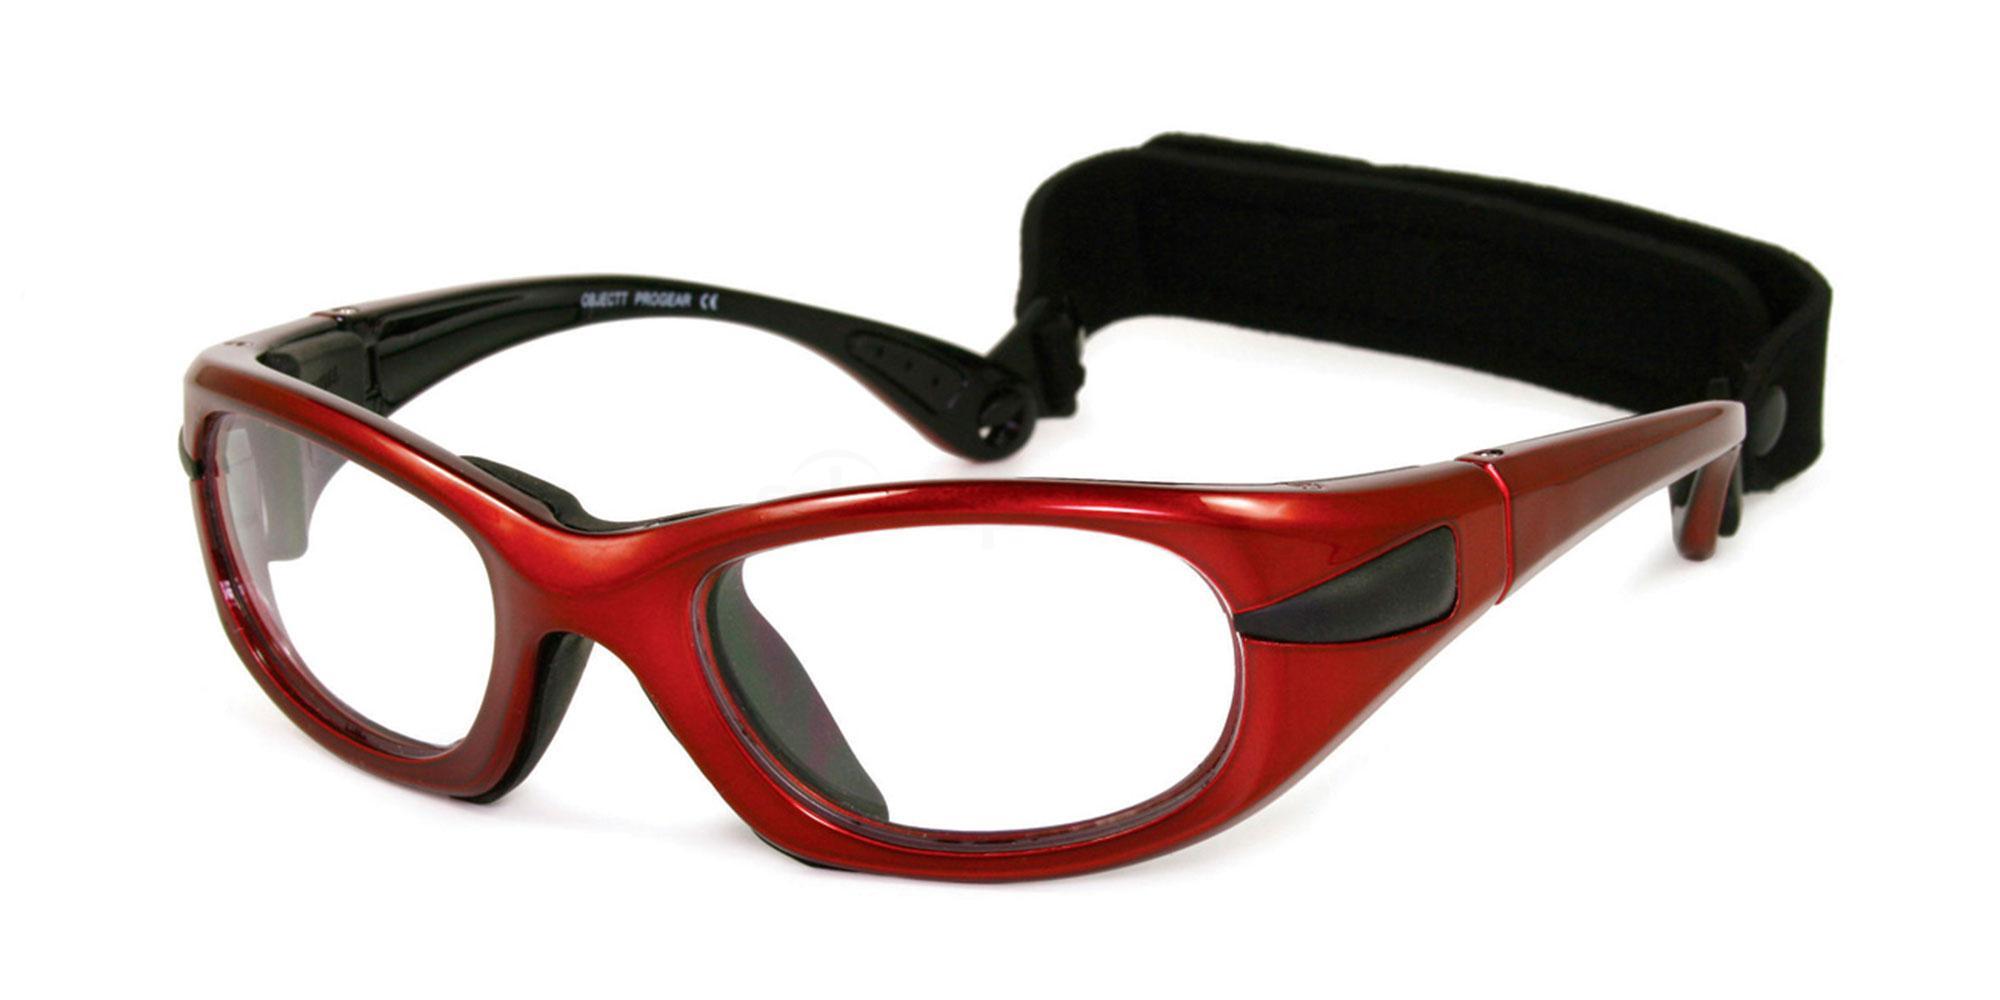 Red Progear EG-S 1010 Accessories, Sports Eyewear